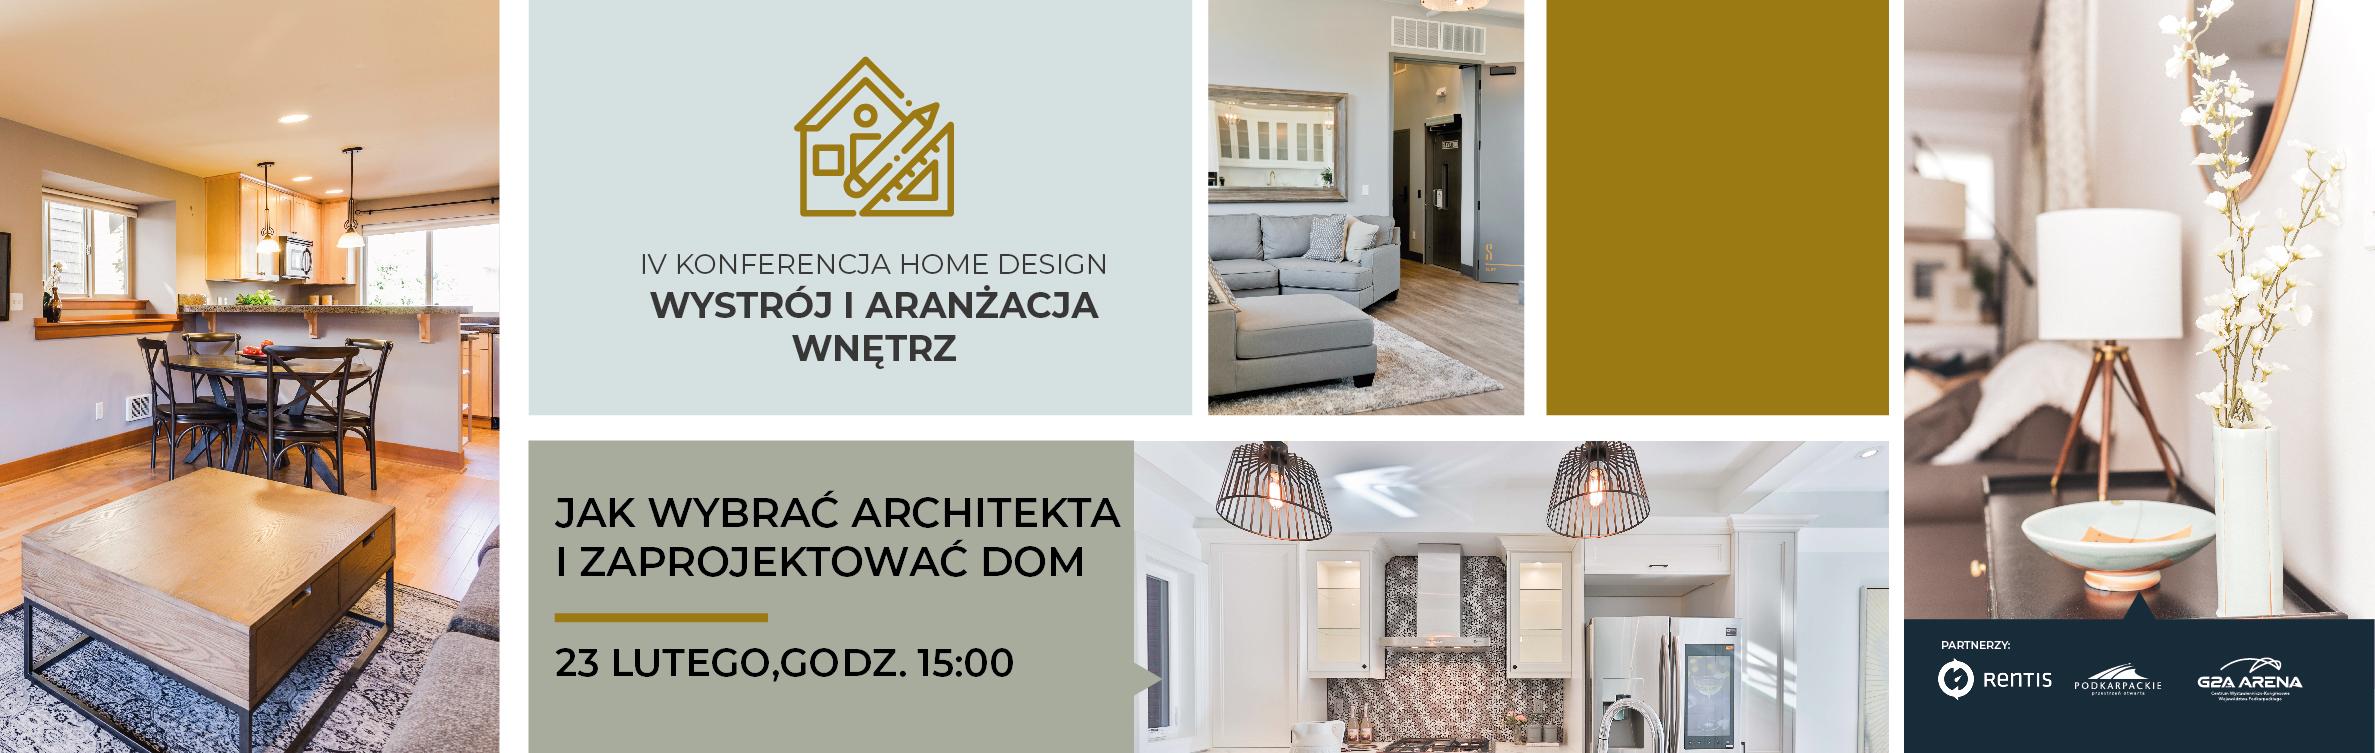 IV Konferencja Wystrój i Aranżacja Wnętrz: Jak wybrać architekta i zaprojektować dom?